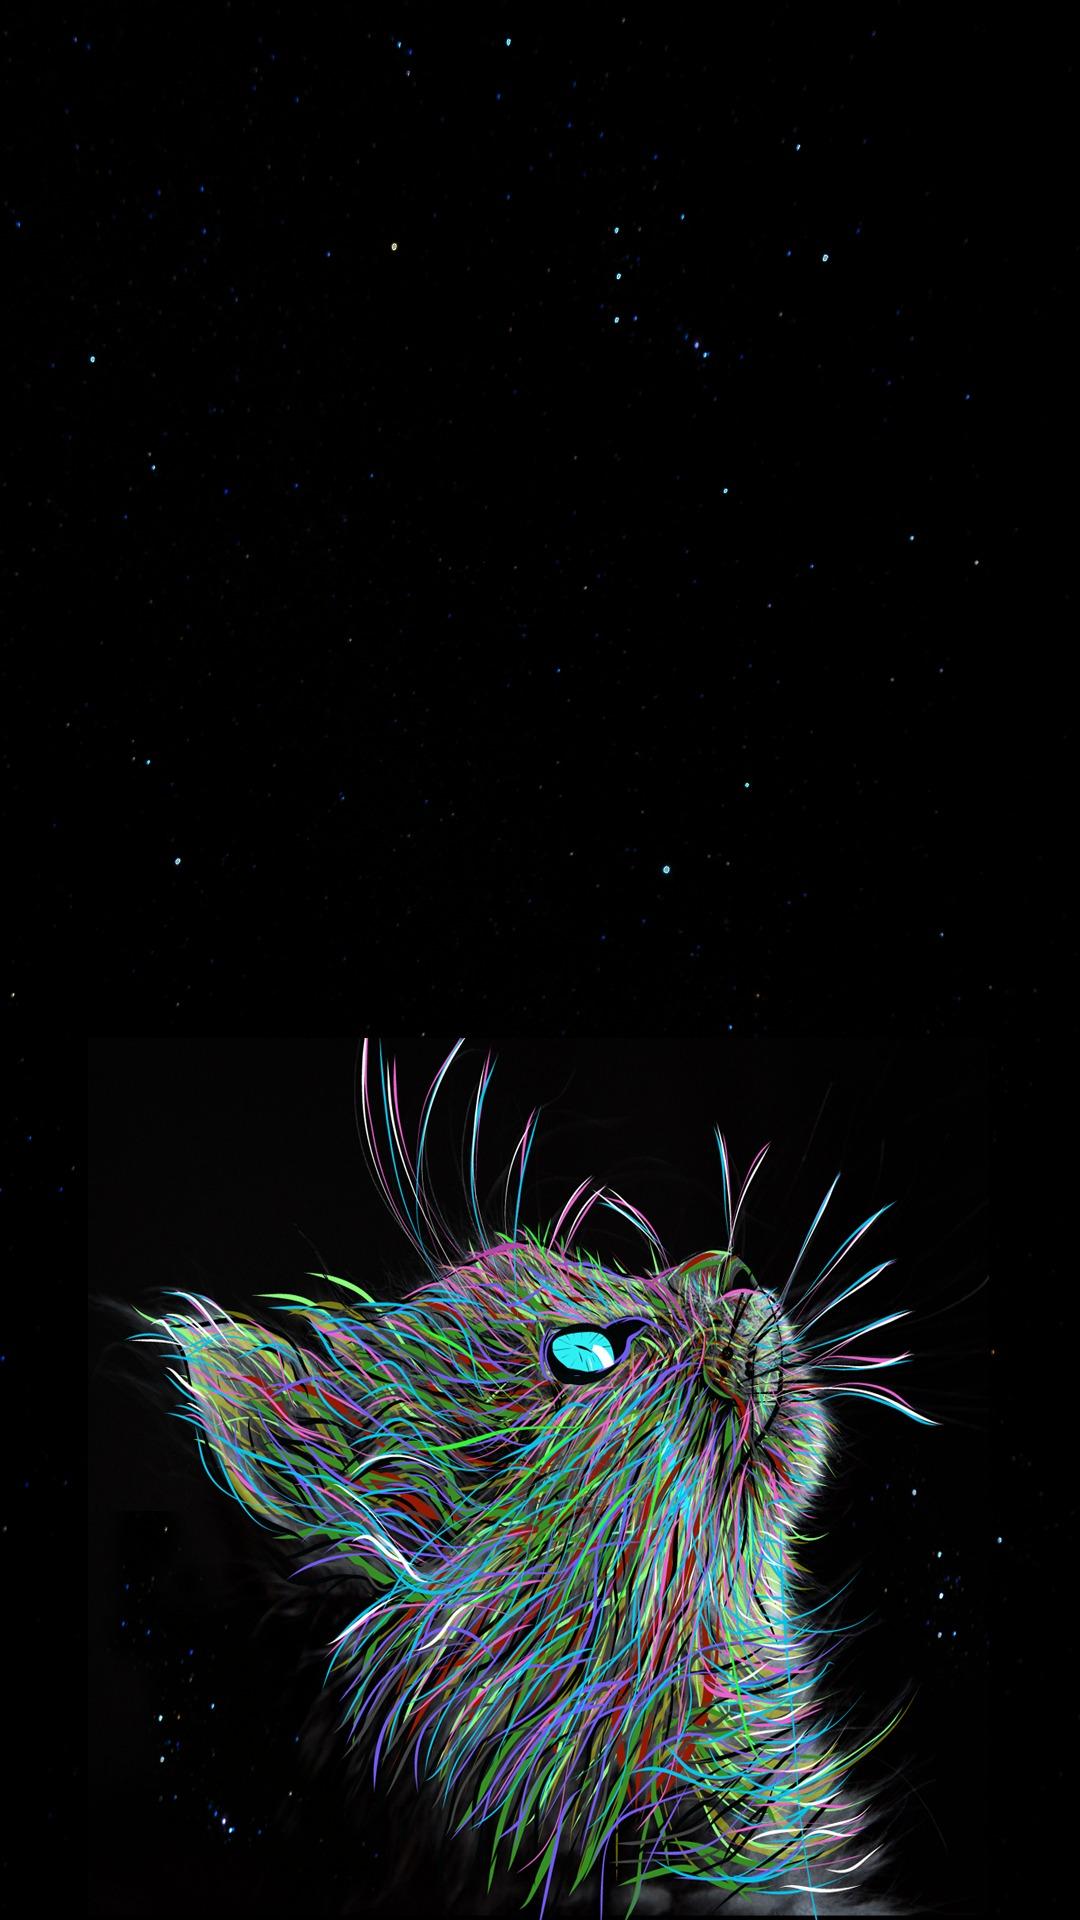 Неоновый кот неон краски кошка кот